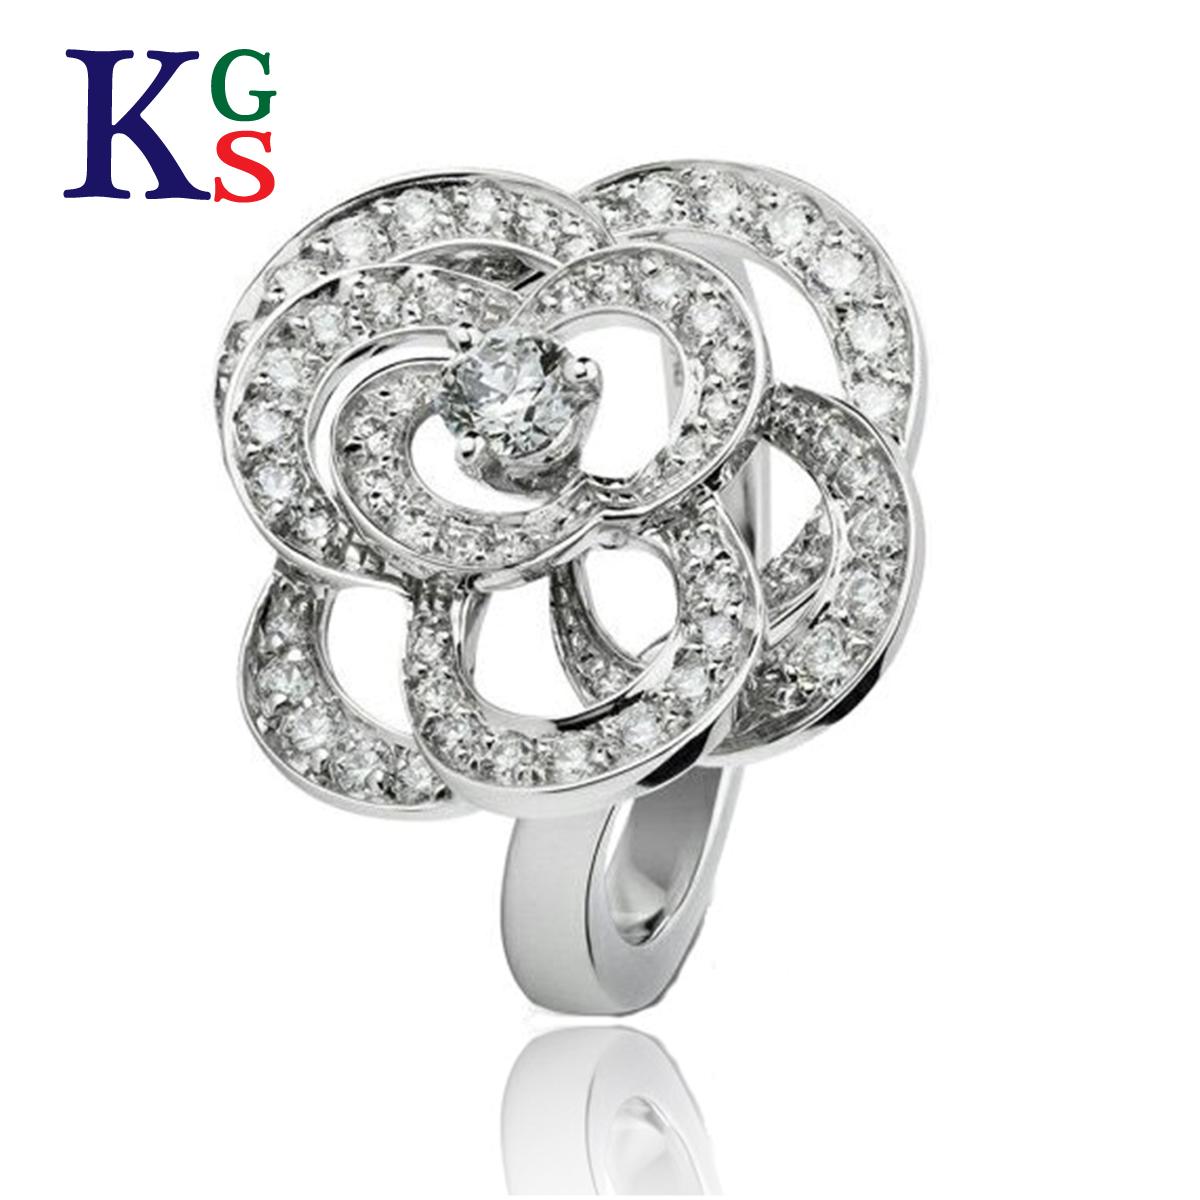 【ギフト品質】【名入れ】シャネル/CHANEL / ジュエリー リング 指輪 レディース / カメリア コレクション ホワイトゴールド ダイヤモンド ロレンツ バウマー K18WG / 花 フラワー J2579